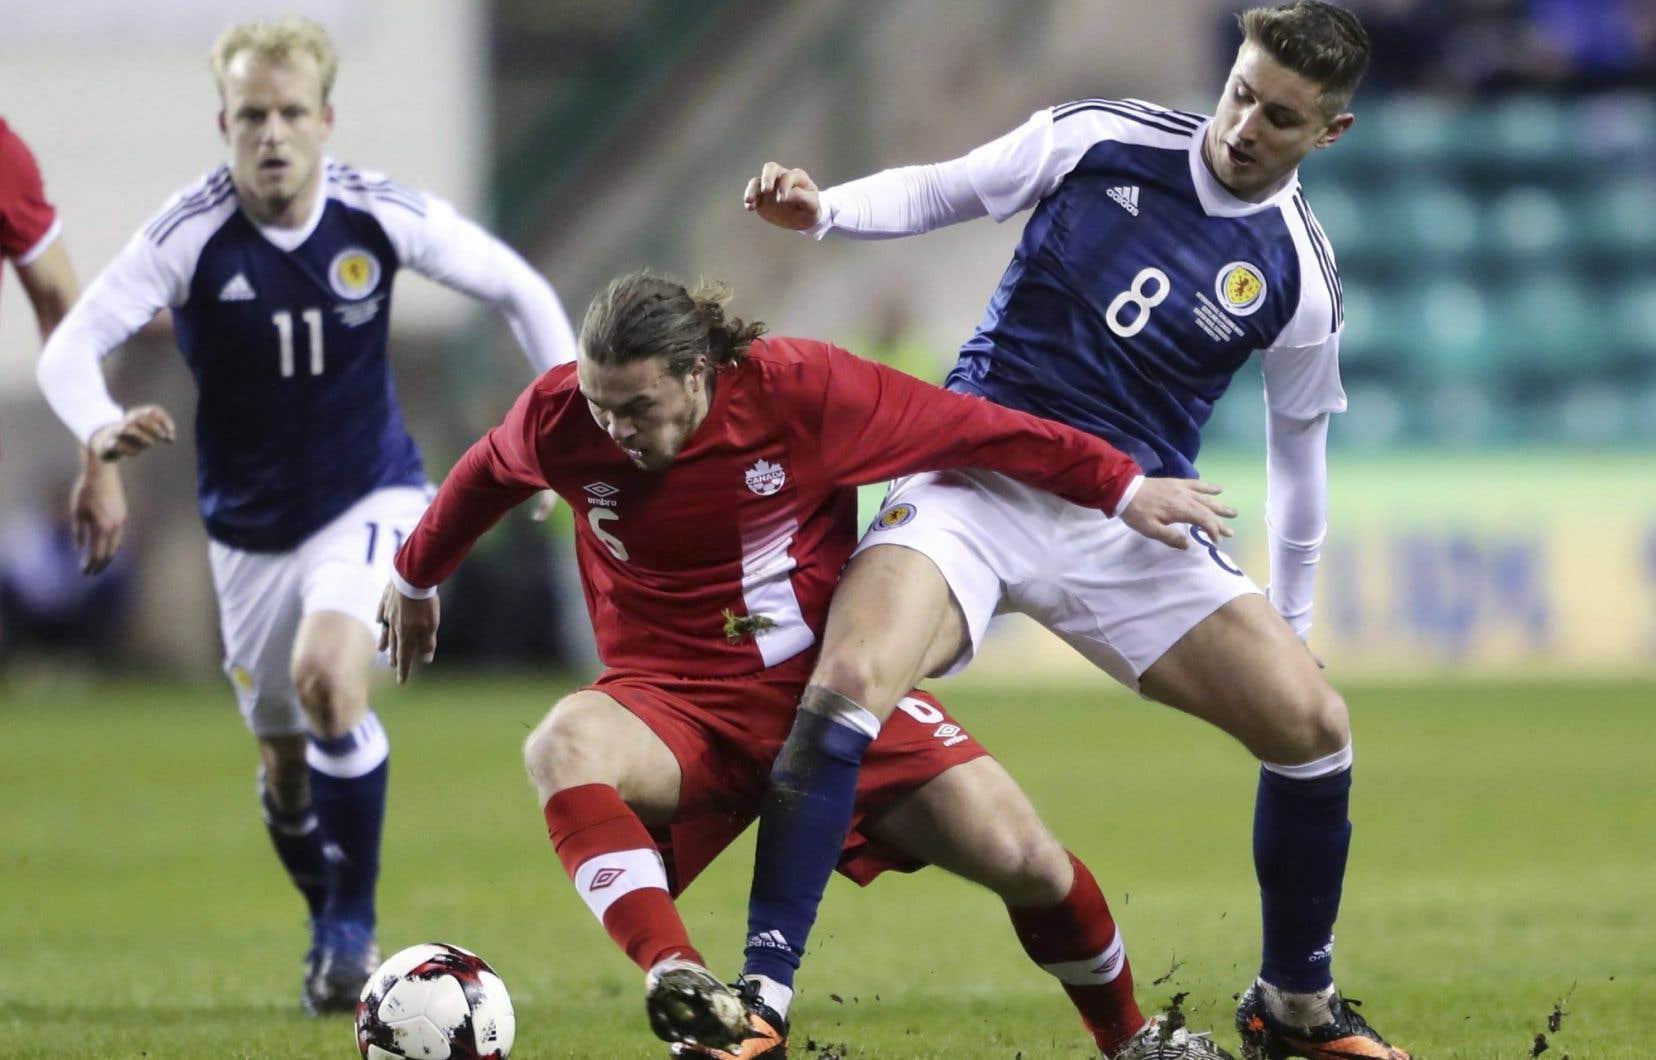 Samuel Piette s'efforce de garder la possession duballon lors d'un match de l'équipe canadienne contre l'équipe écossaise, en mars dernier.